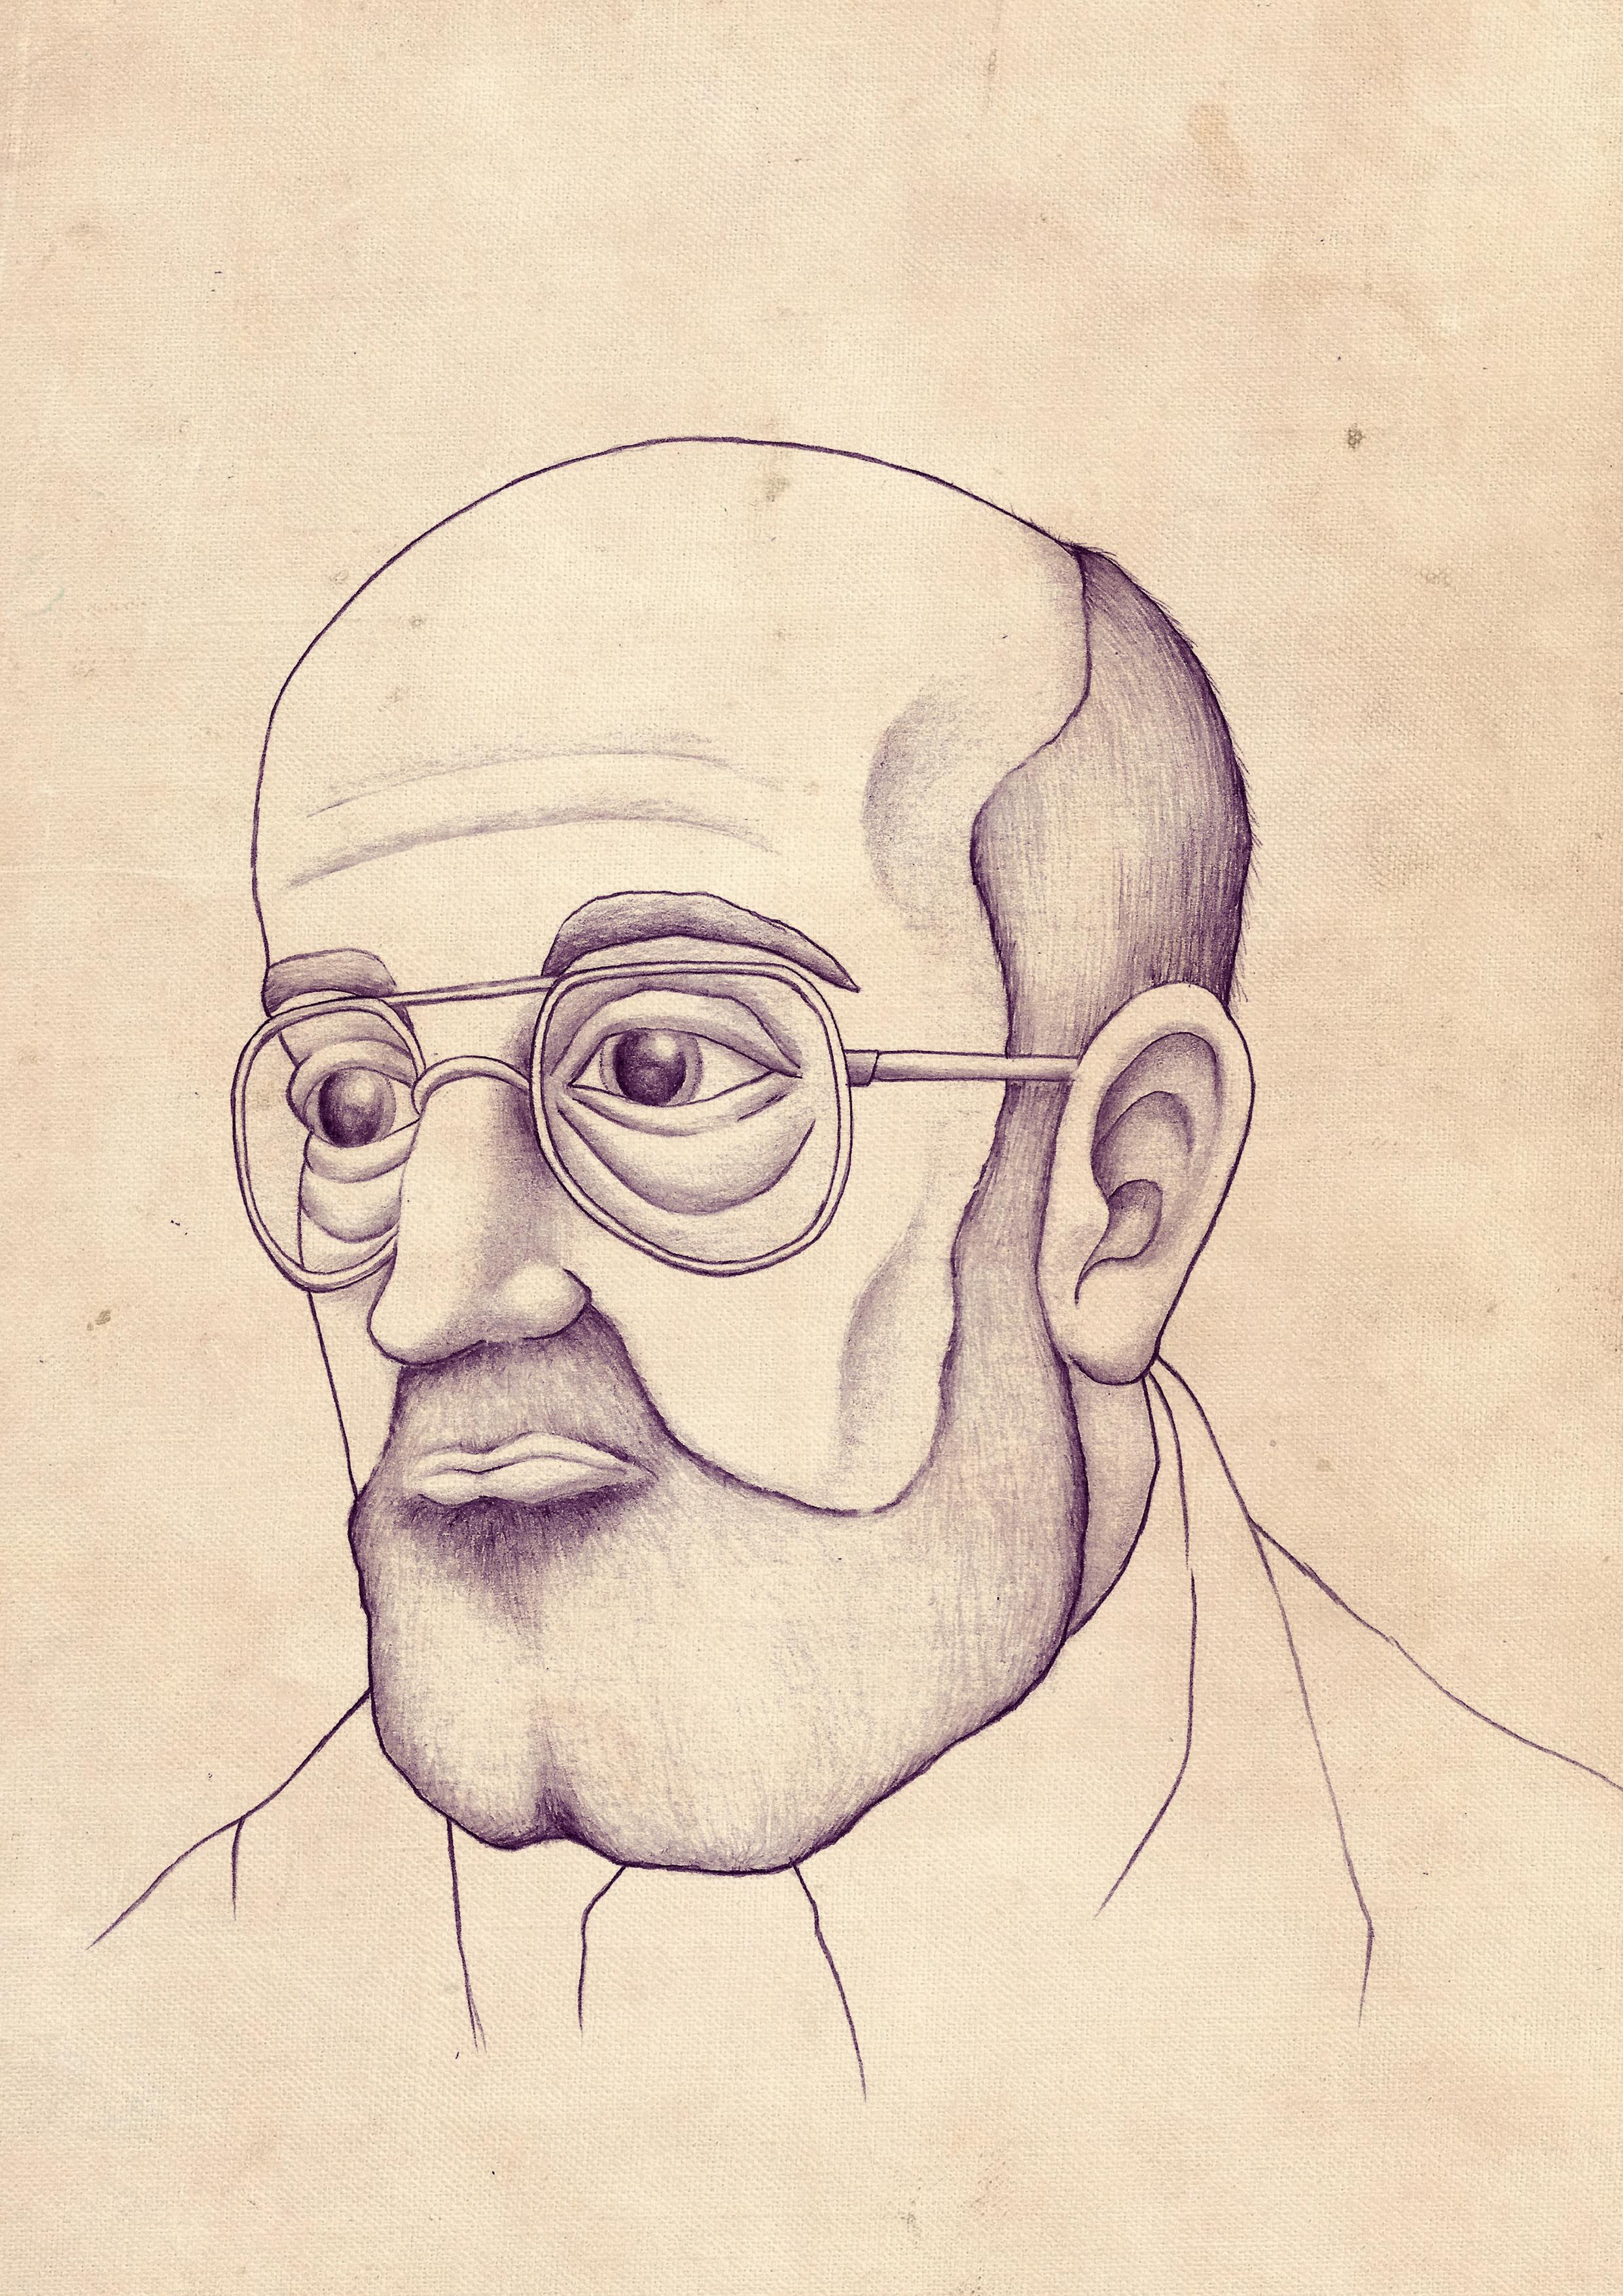 Josep Mª Llompart de la Peña